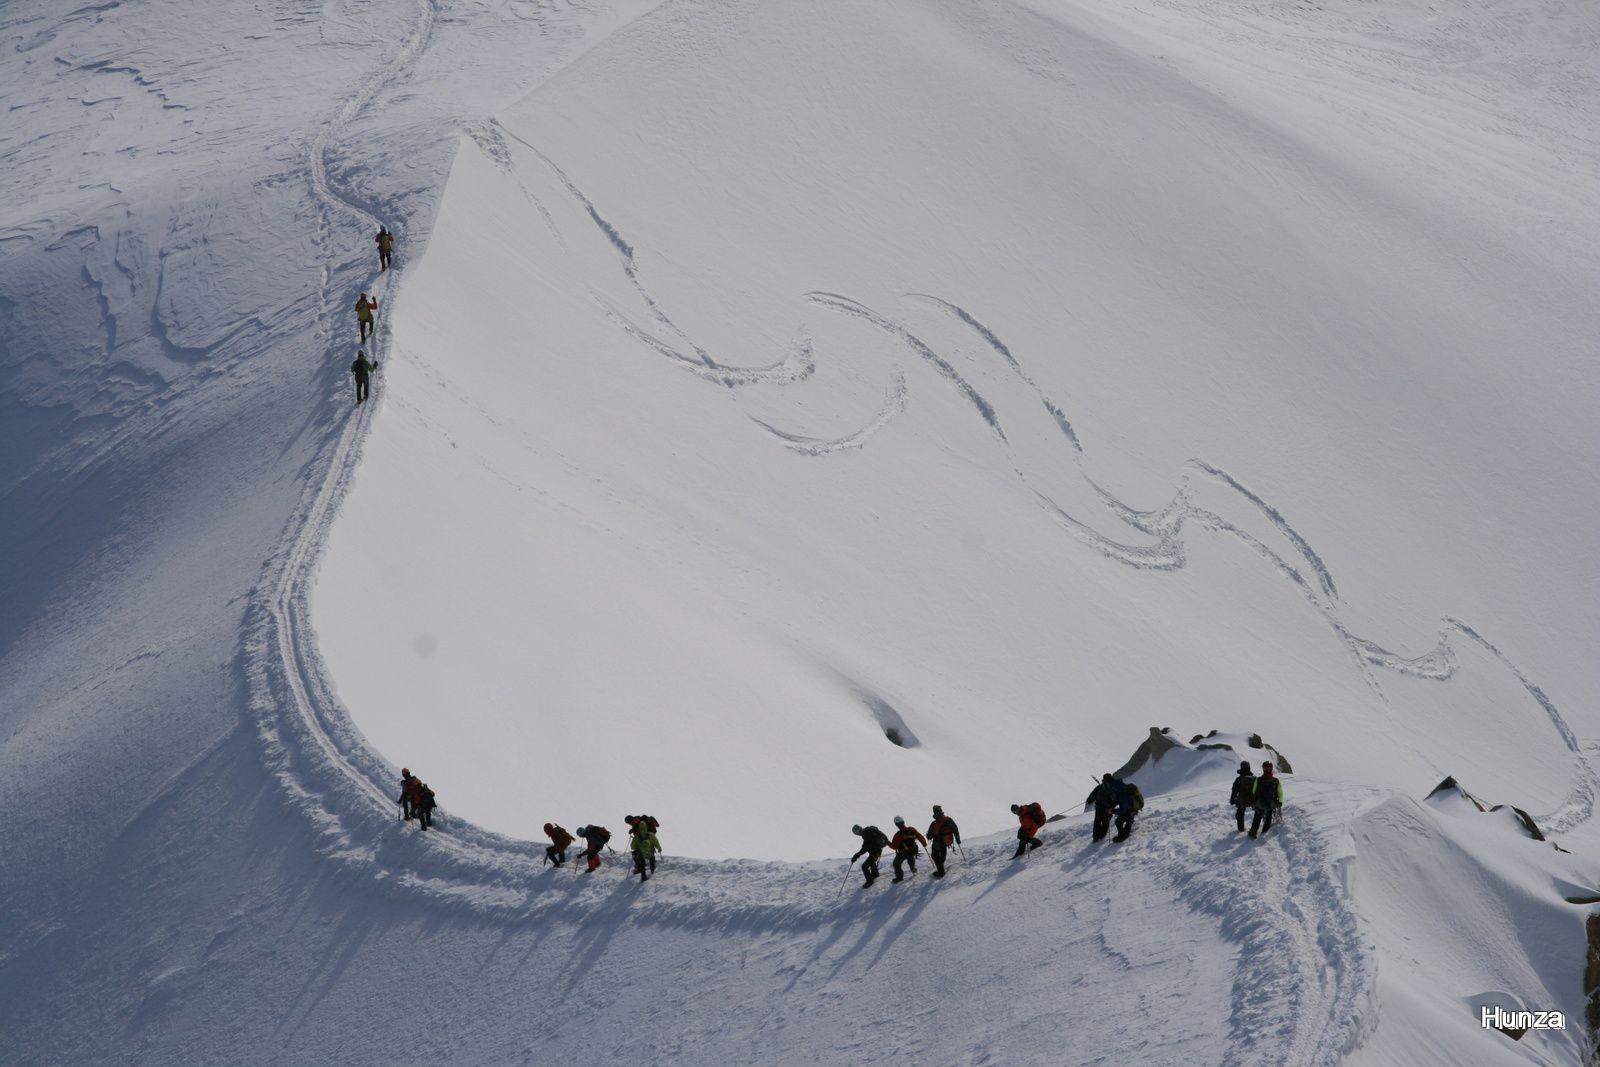 Une cordée sur l'arête du Midi en train de descendre dans la Vallée Blanche